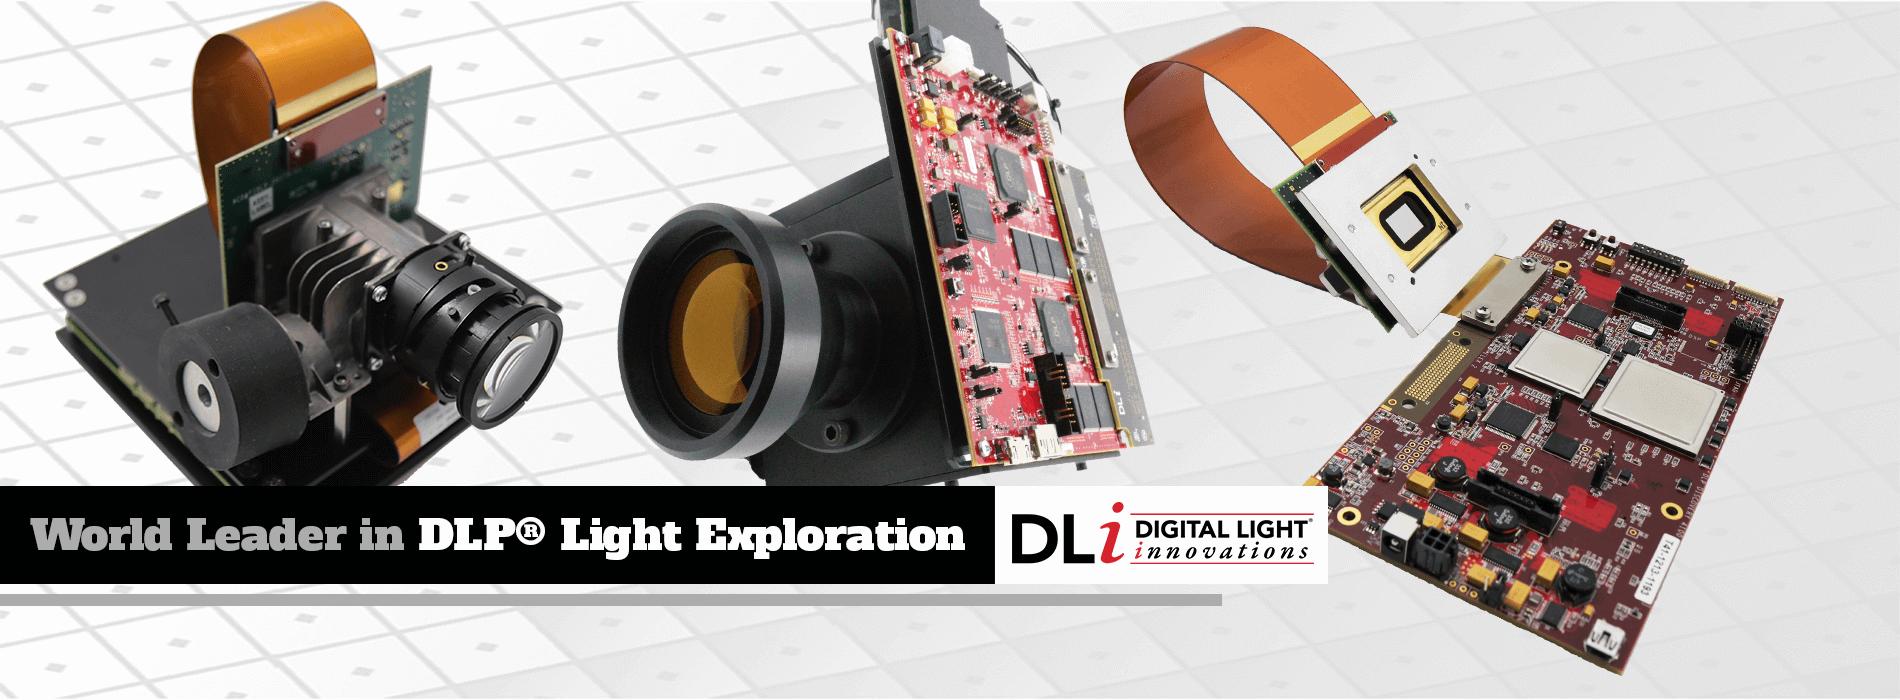 TyRex Photo: Digital Light Innovations